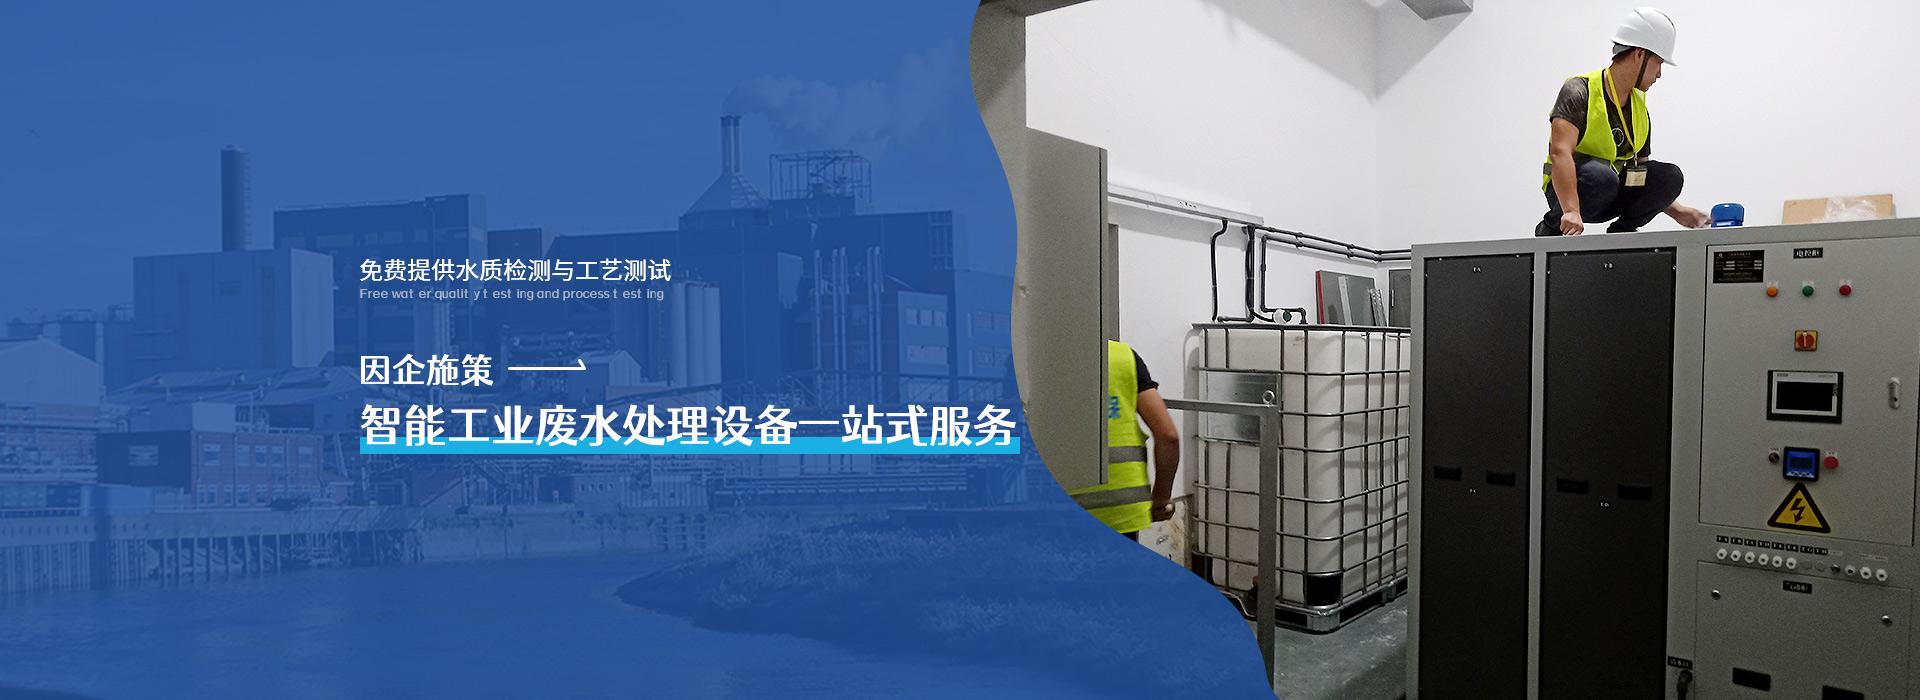 碧清源环保免费提供水质检测与工艺测试